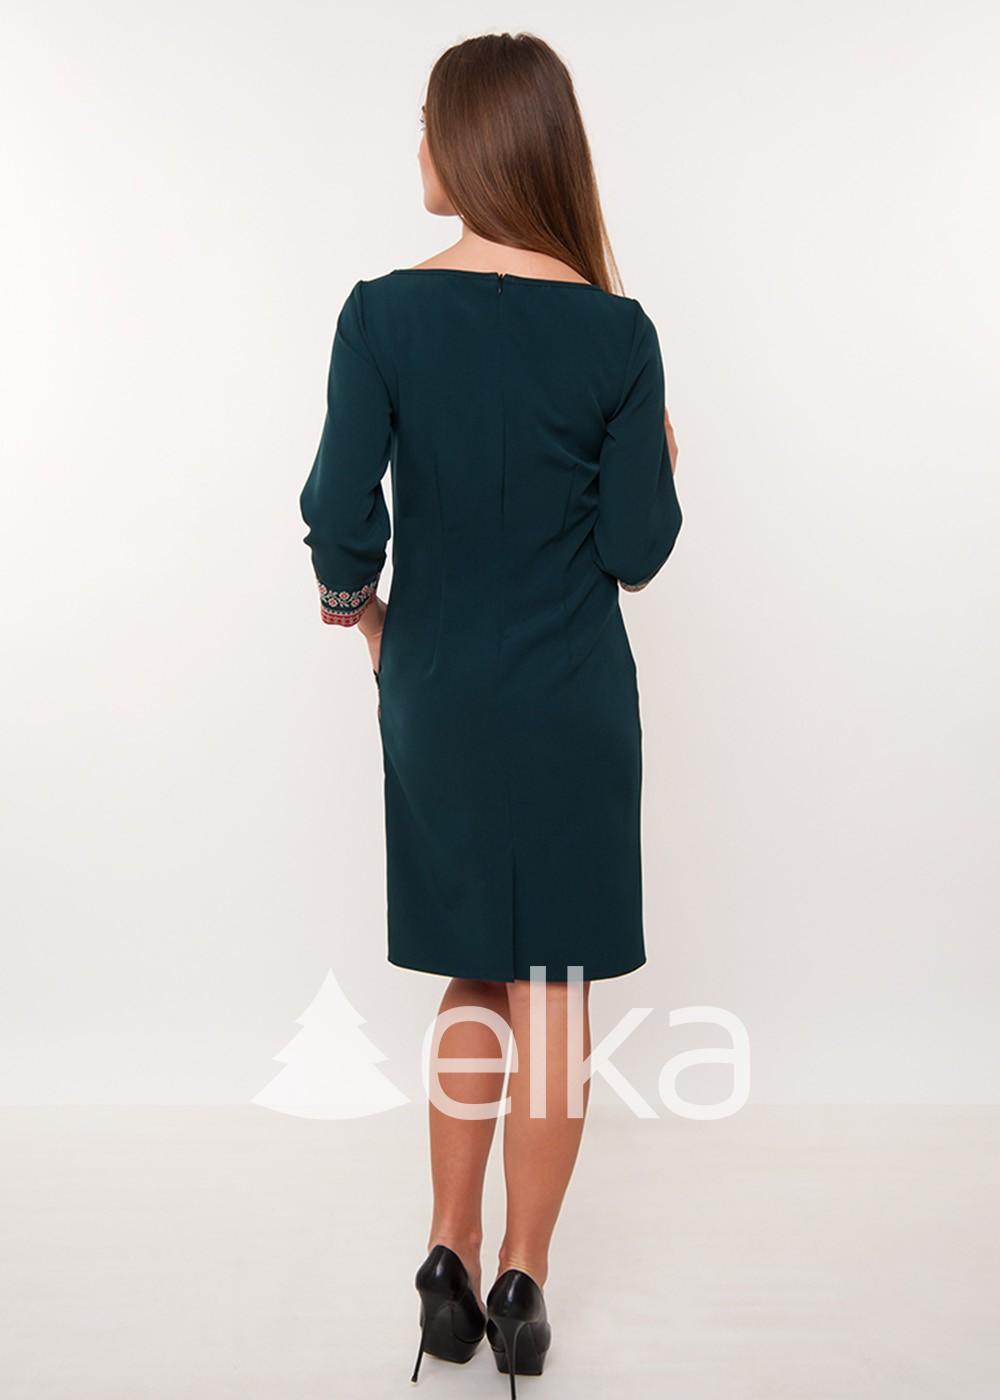 Зеленое платье вышиванка